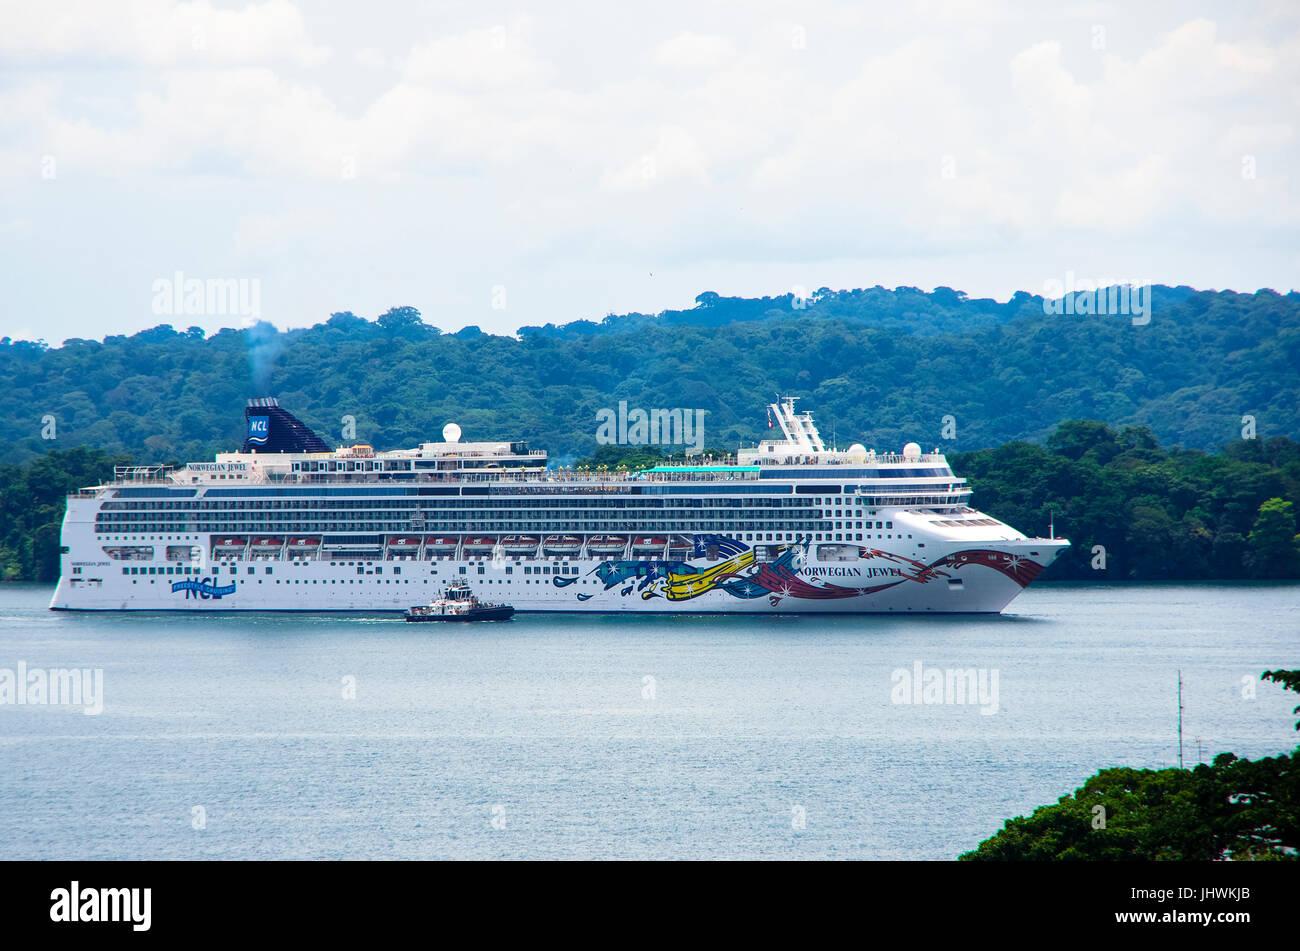 The Norwegian Jewel Cruise ship in Lake Gatun of the Panama Canal - Stock Image